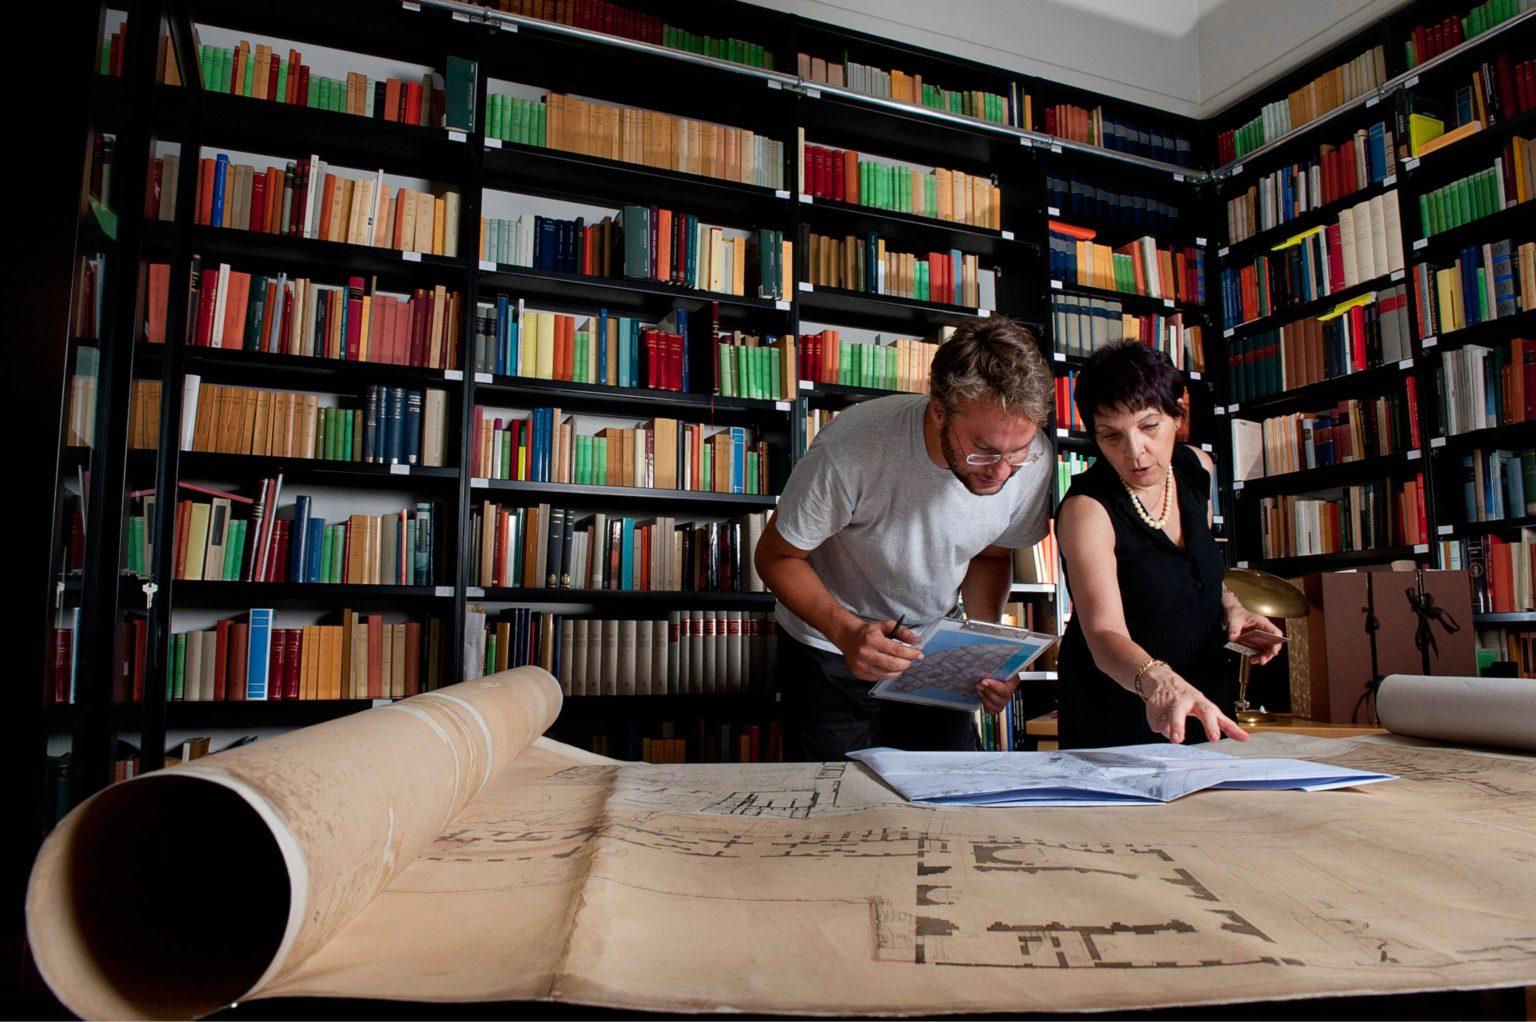 Gli archeologi Patrizia Fortini ed Edoardo Santini esaminano i documenti storici dell'archeologo Giacomo Boni relativi agli scavi presso il Foro Romano (2012)